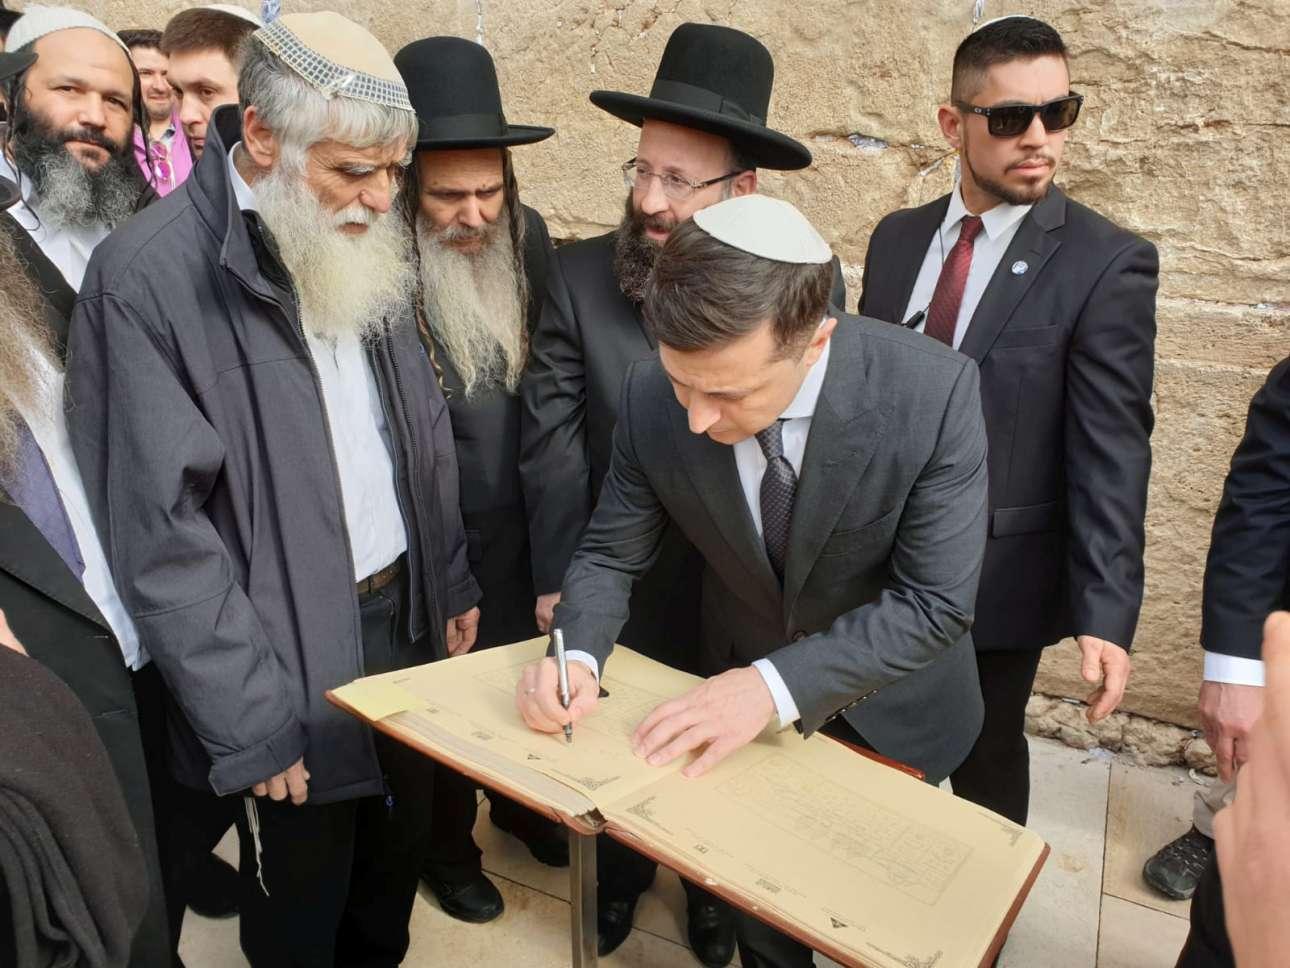 Ο πρόεδρος της Ουκρανίας Βολοντίμιρ Ζελένσκι, φορώντας κιπά, υπογράφει σε βιβλίο επισκεπτών και ετοιμάζεται να παρακολουθήσει μια τελετή στην παλιά πόλη της Ιερουσαλήμ